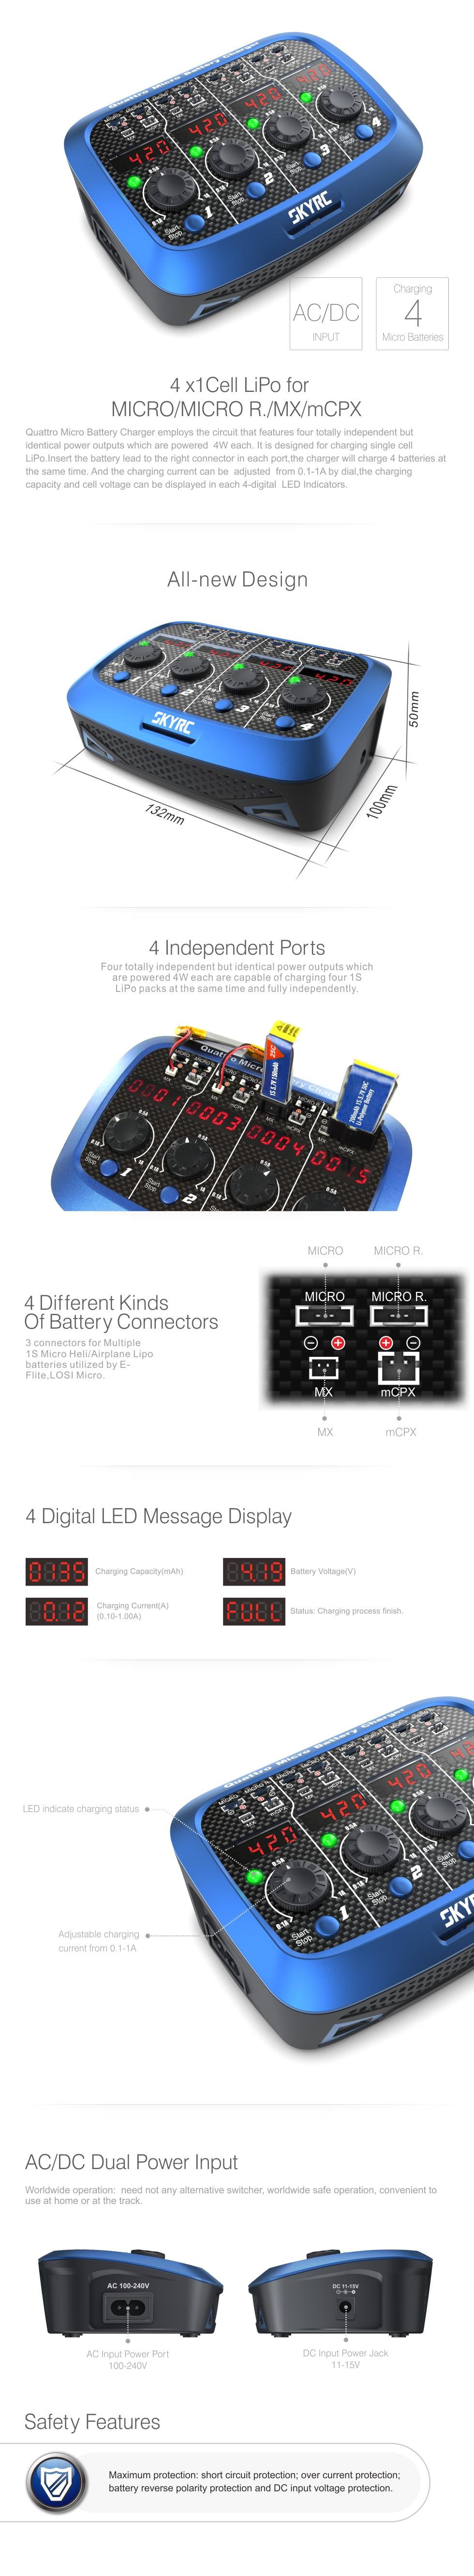 SkyRC Quattro Product Sheet